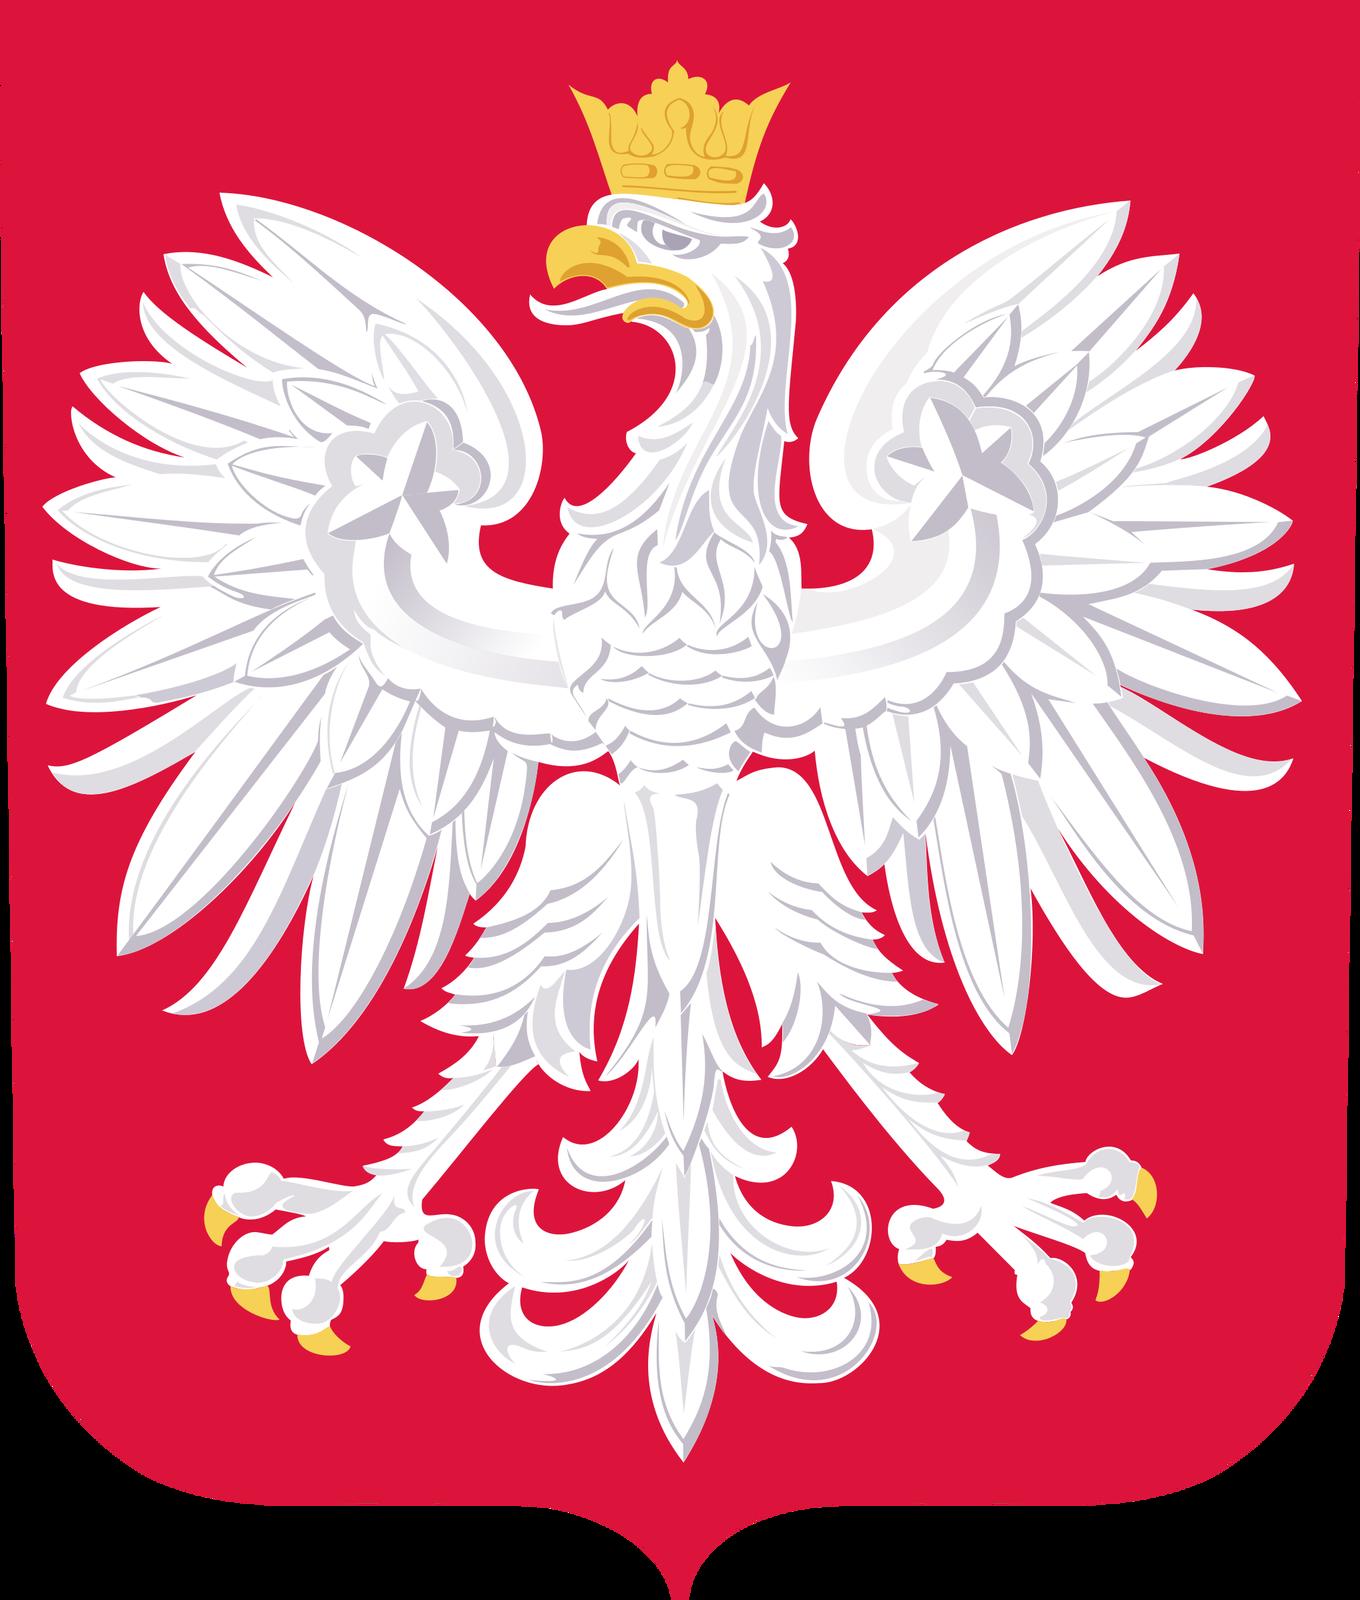 Godło Rzeczypospolitej Polskiej Źródło: Follow by white rabbit, Godło Rzeczypospolitej Polskiej, licencja: CC 0.